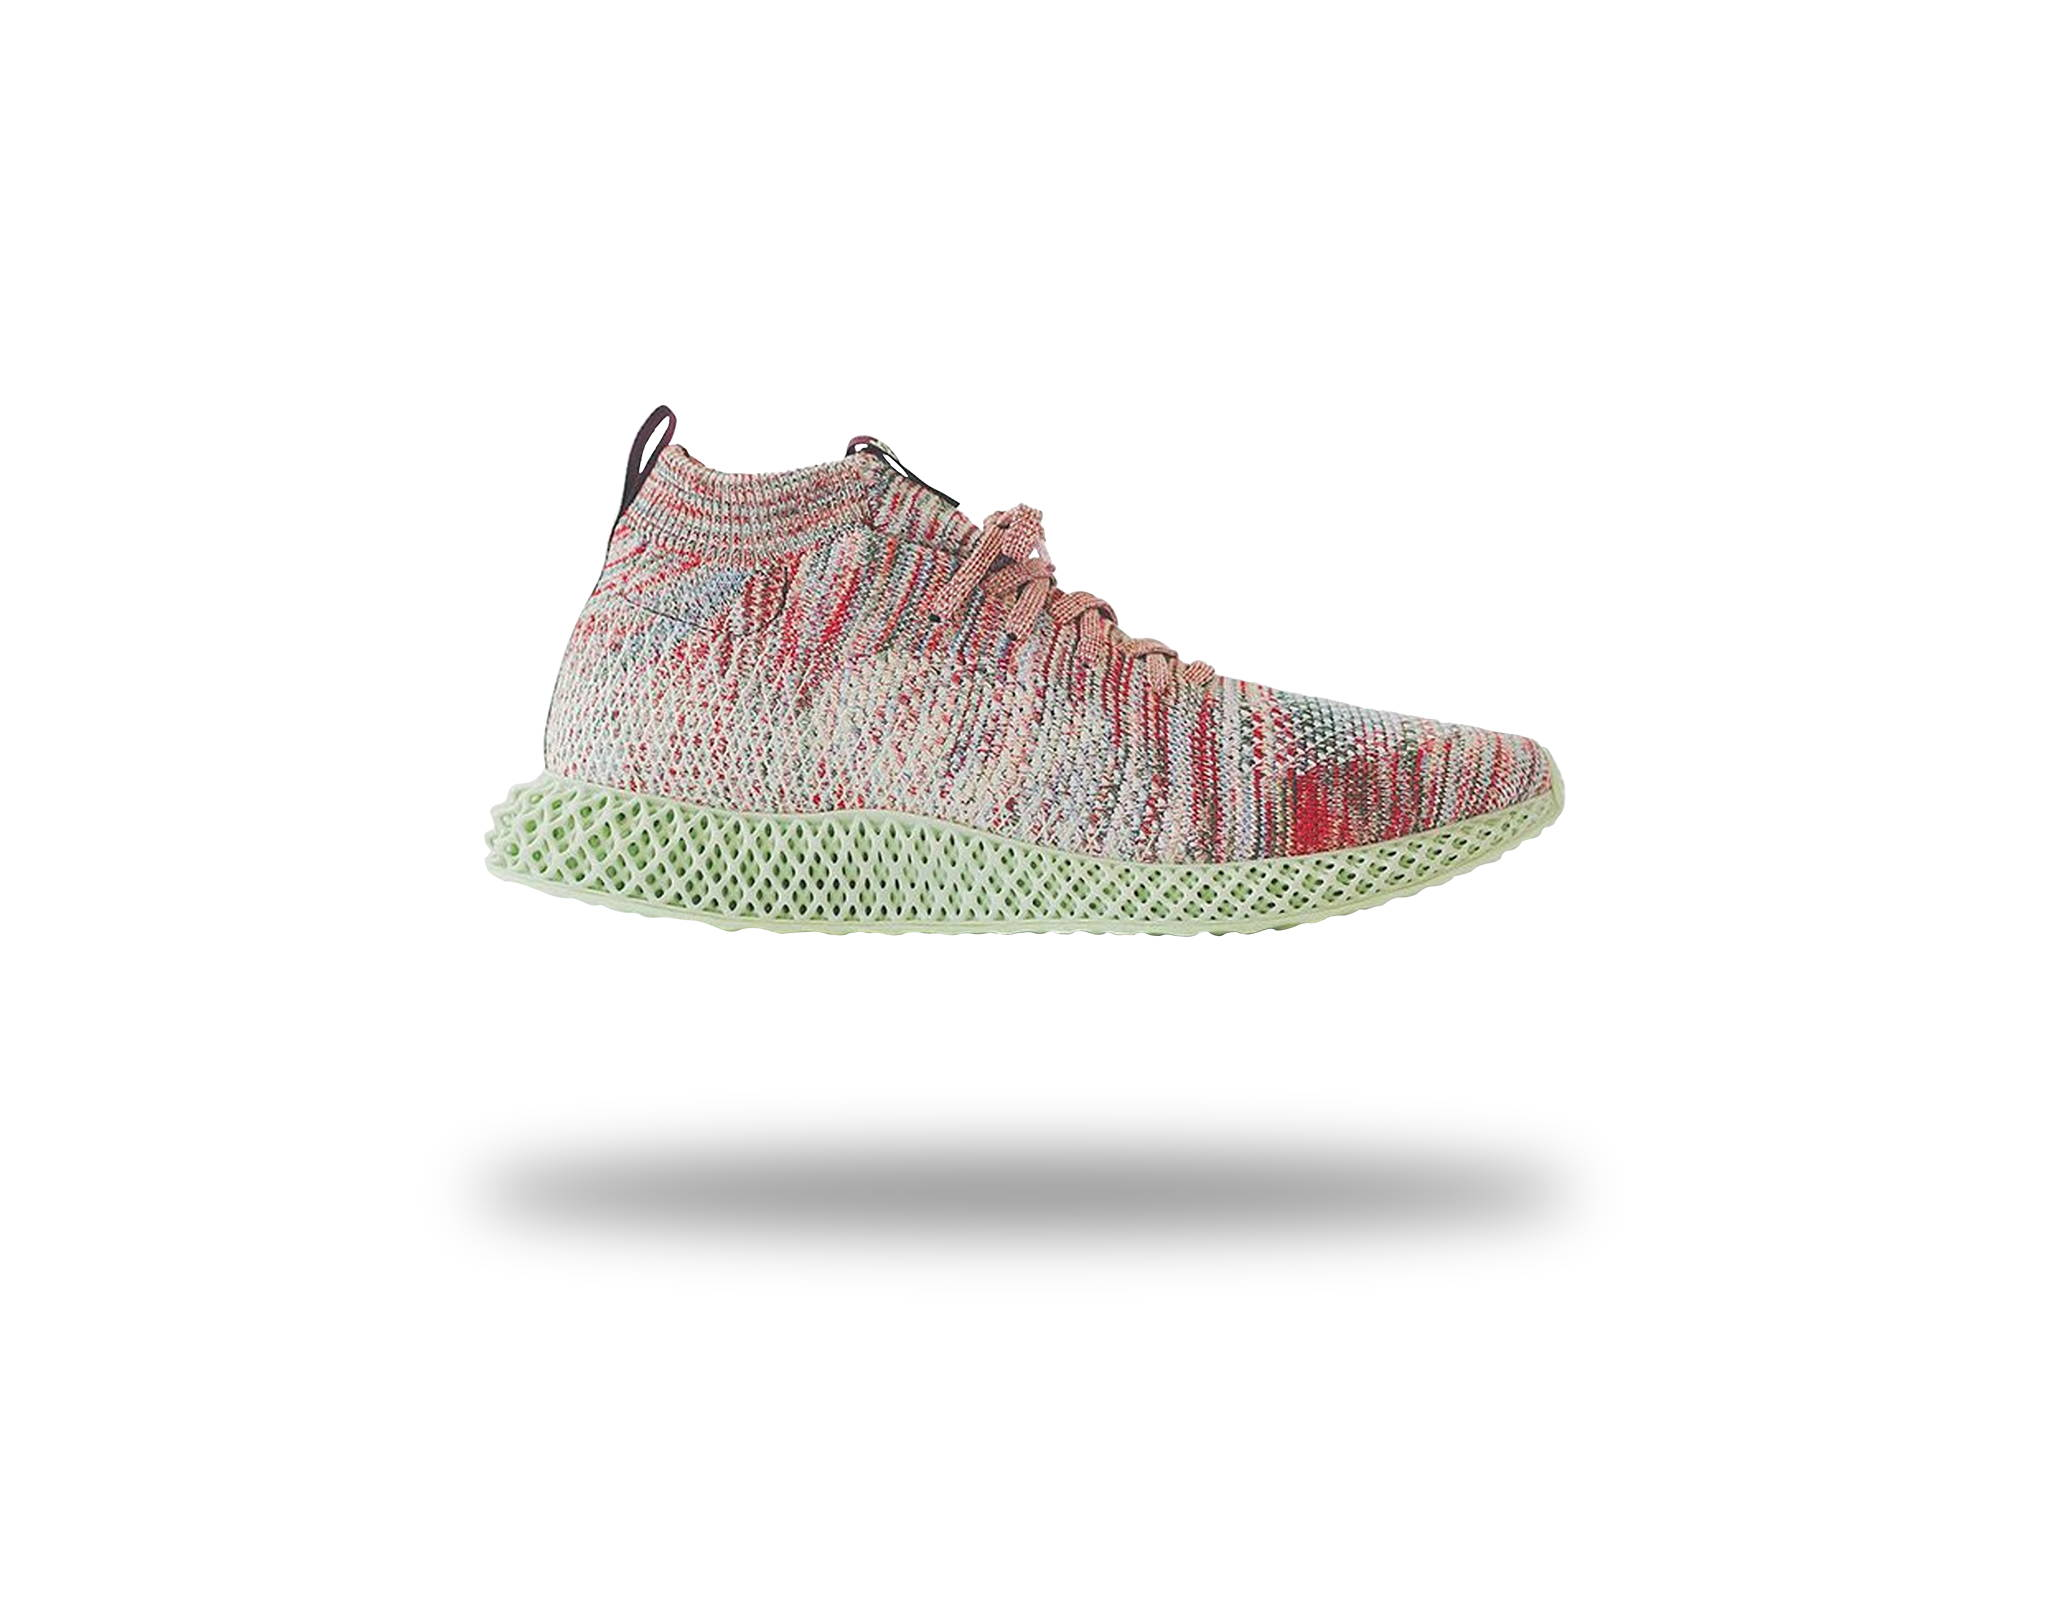 381ec30b55eae Adidas Consortium x Kith 4D Aspen – Rsvp Kingz